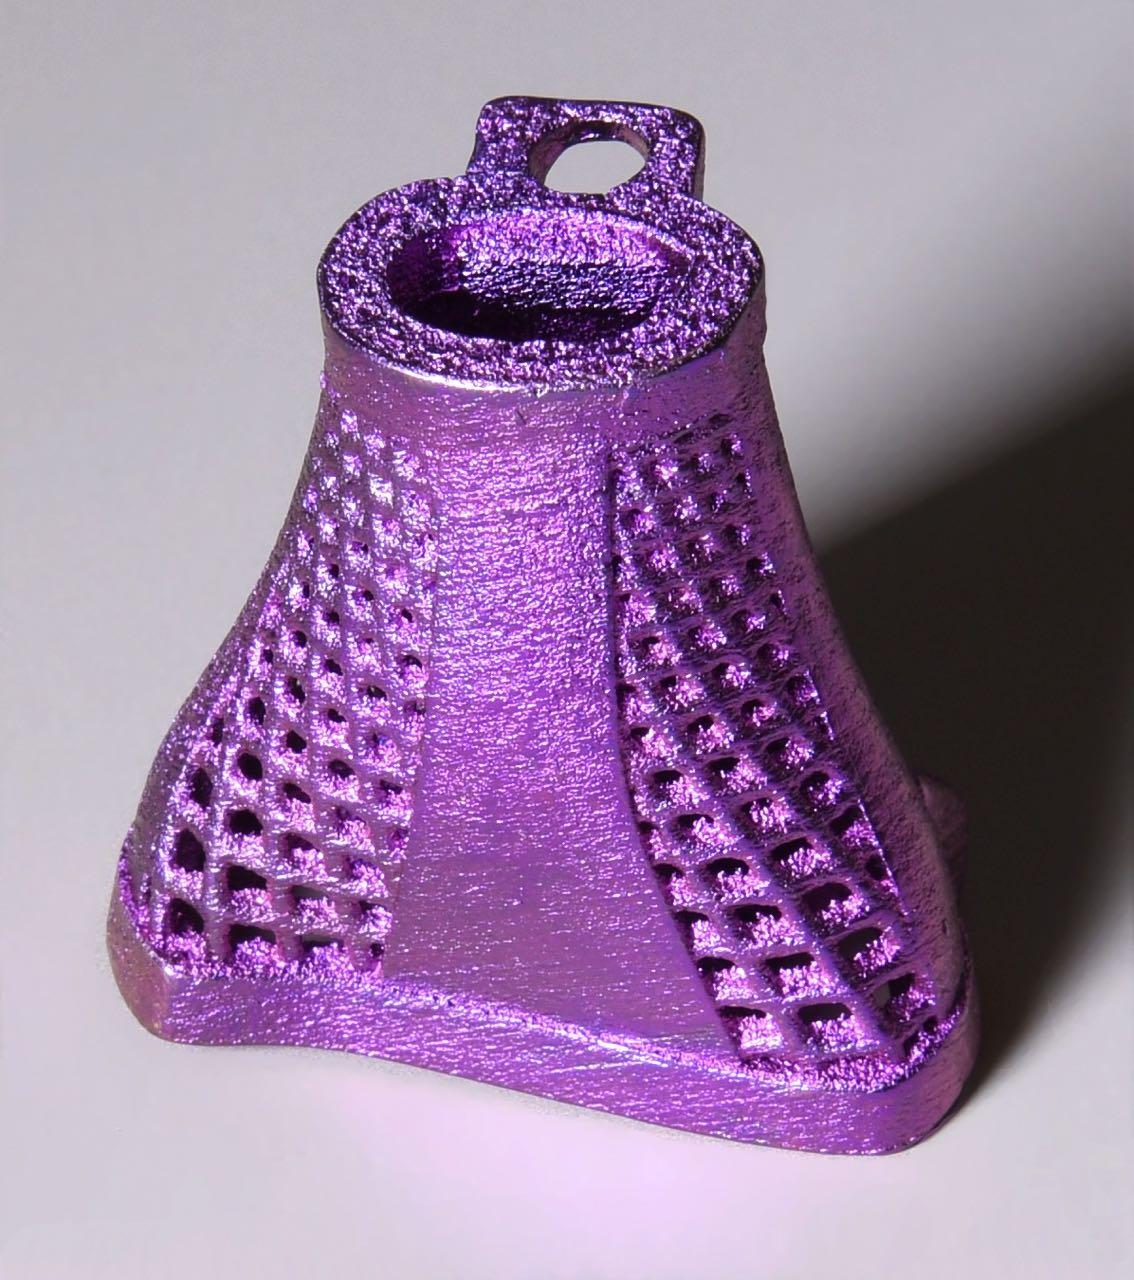 3d printed titanium vertebrae